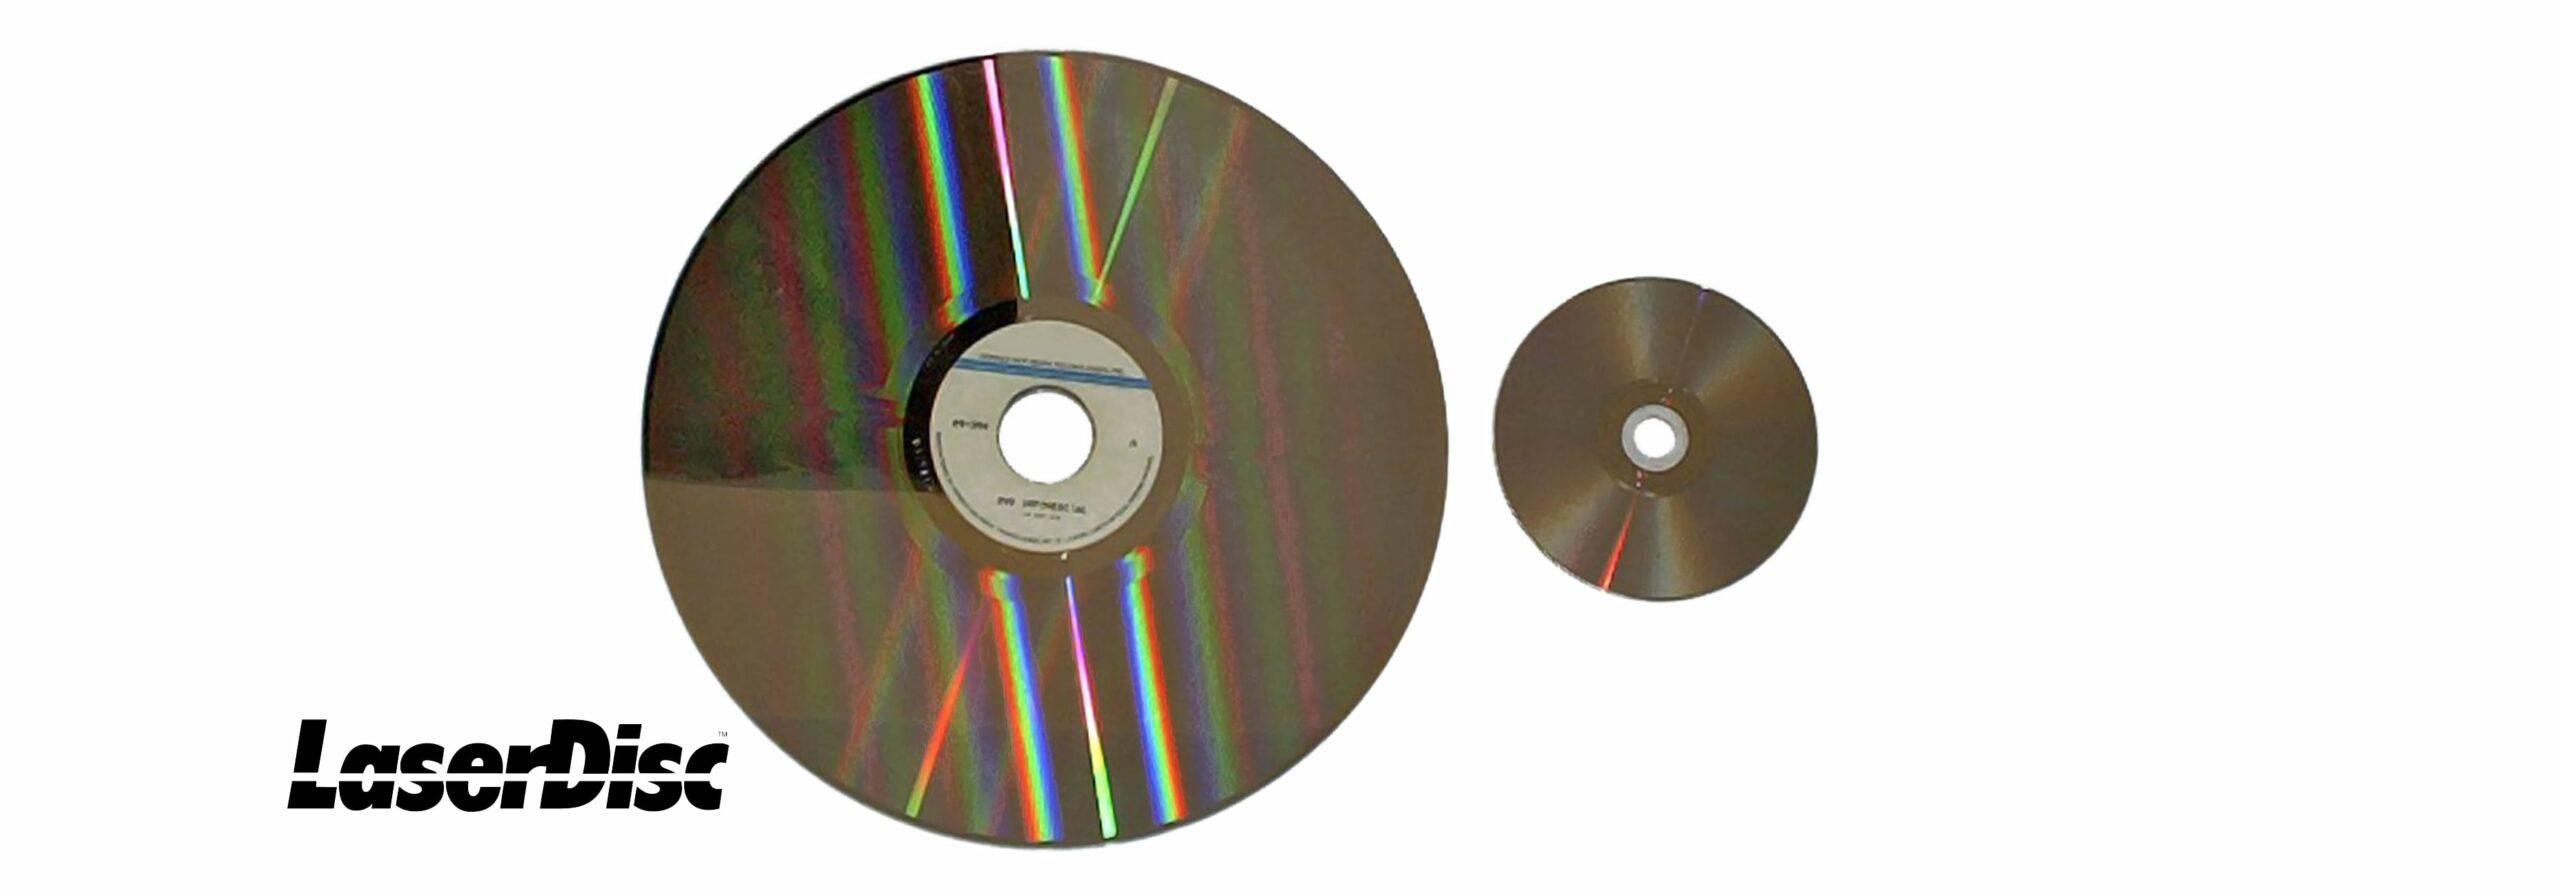 Philips's LaserDisc